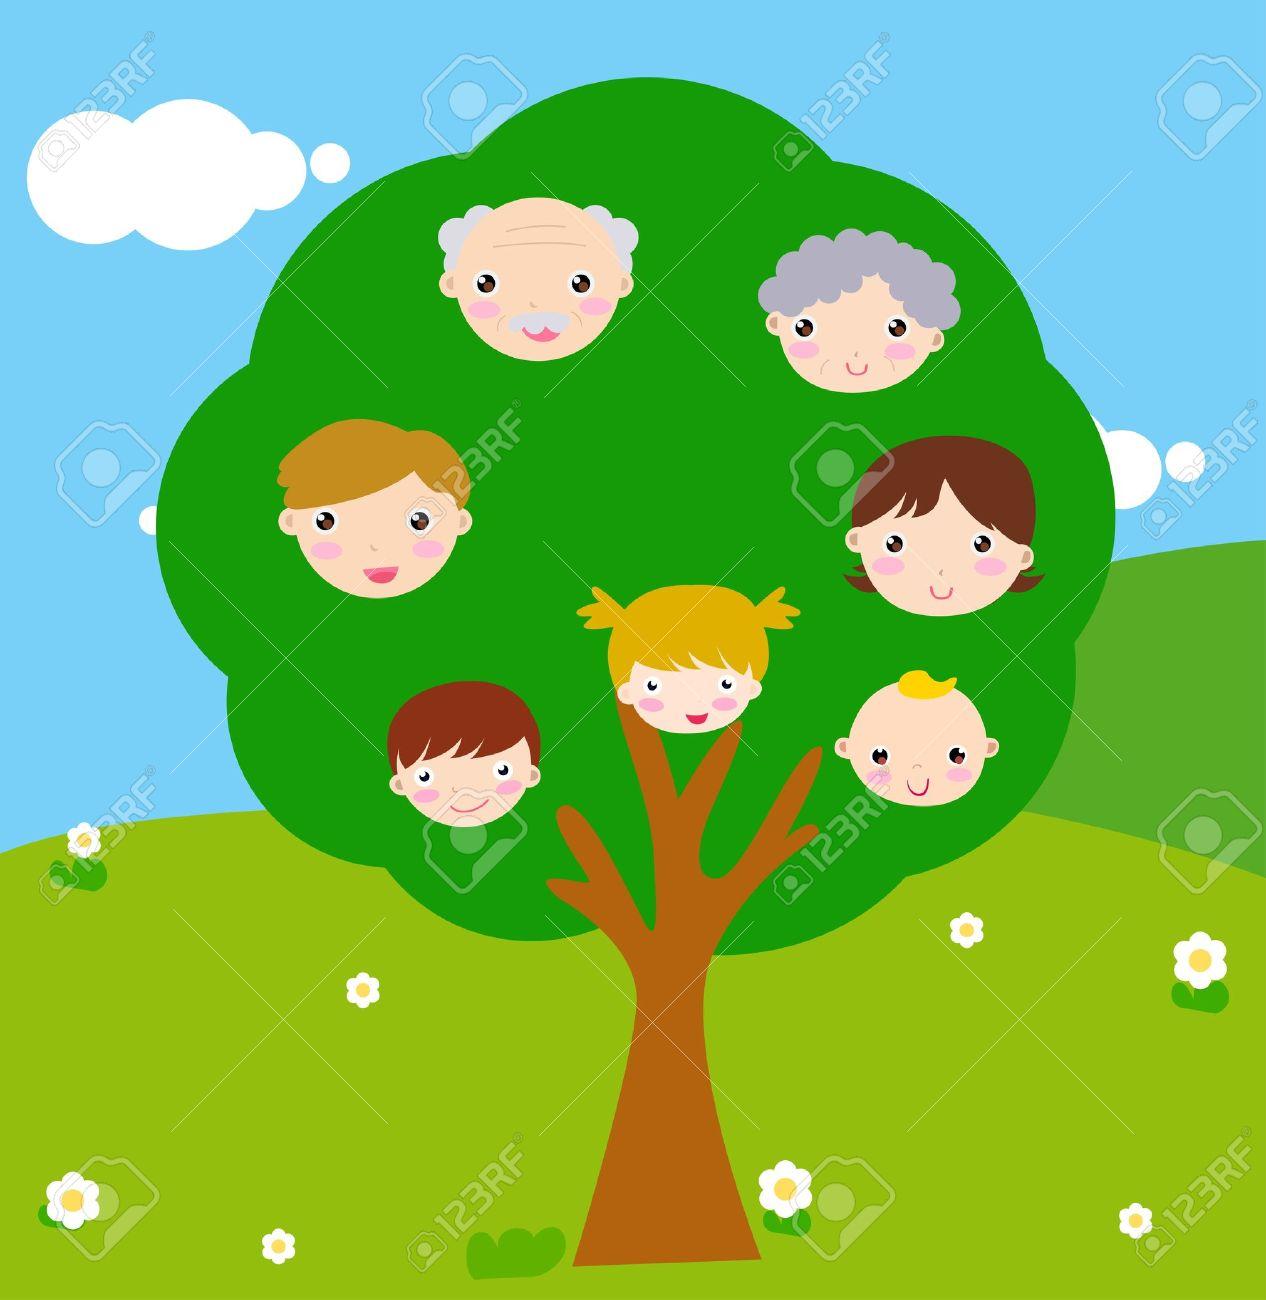 Family Tree Cartoon Stock Photos Images. Royalty Free Family Tree ...